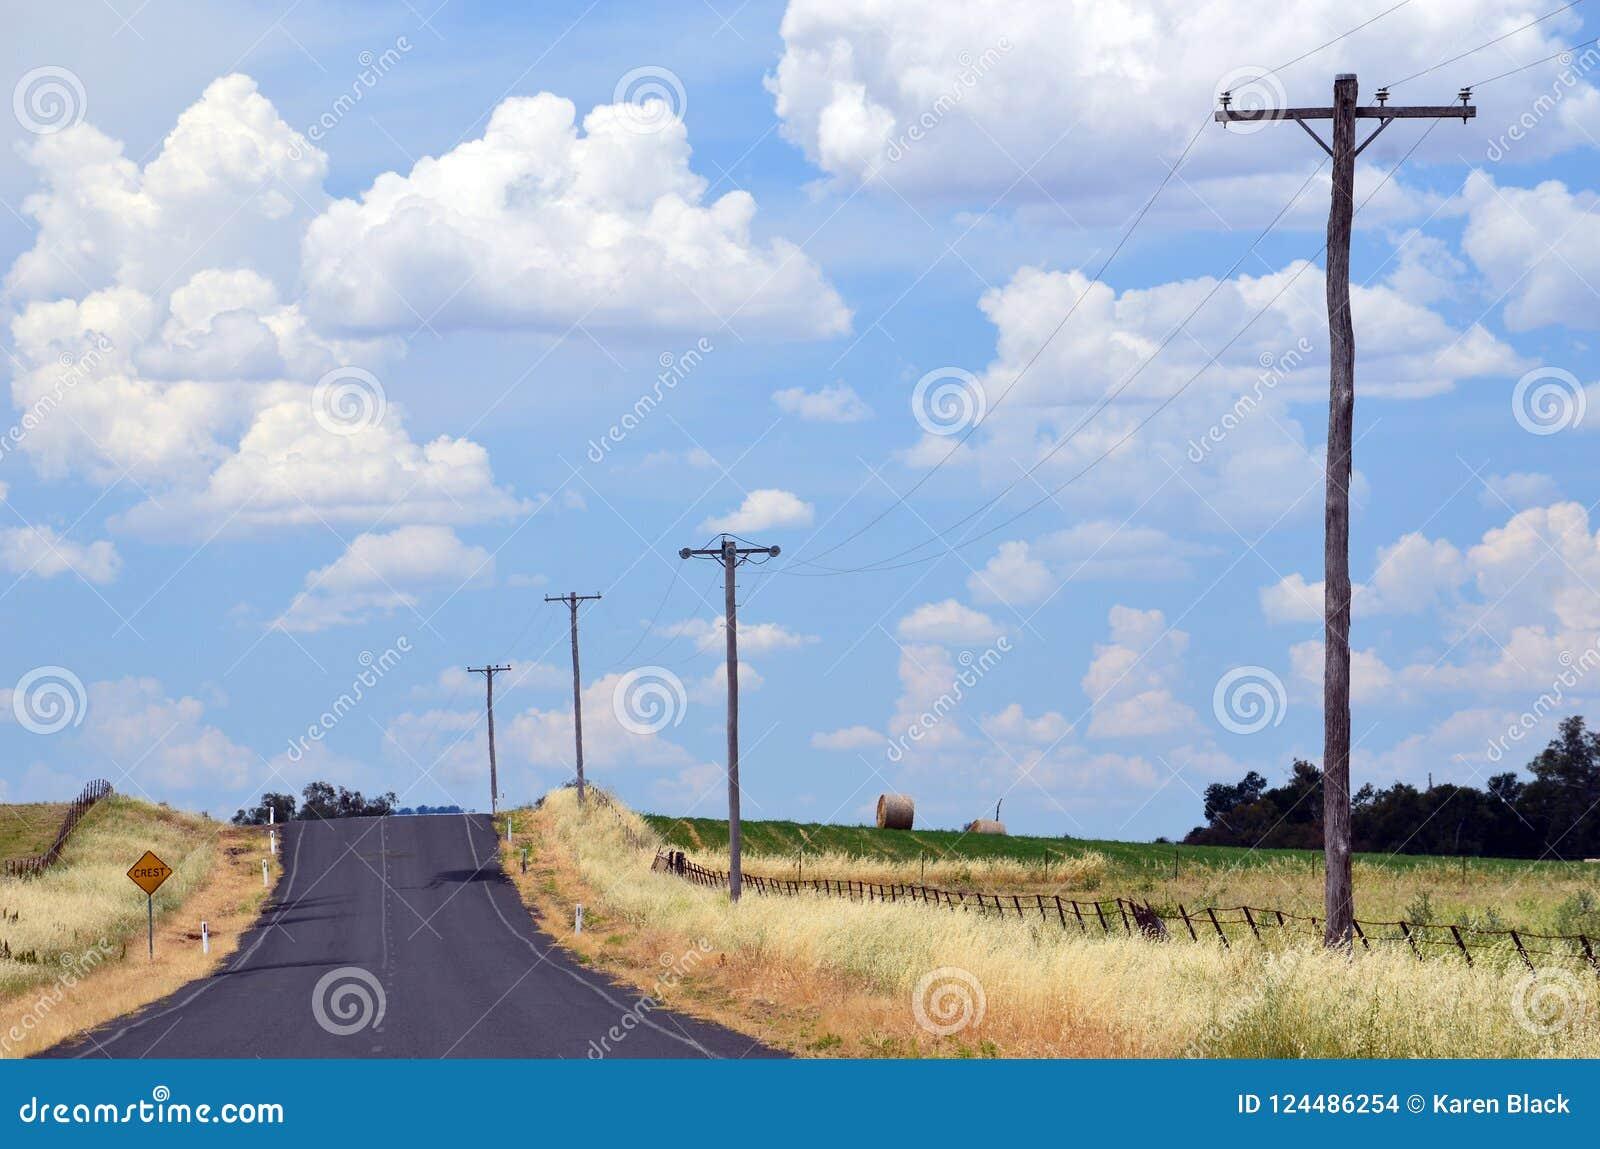 Foschia di calore di estate su una strada campestre attraverso terreno coltivabile